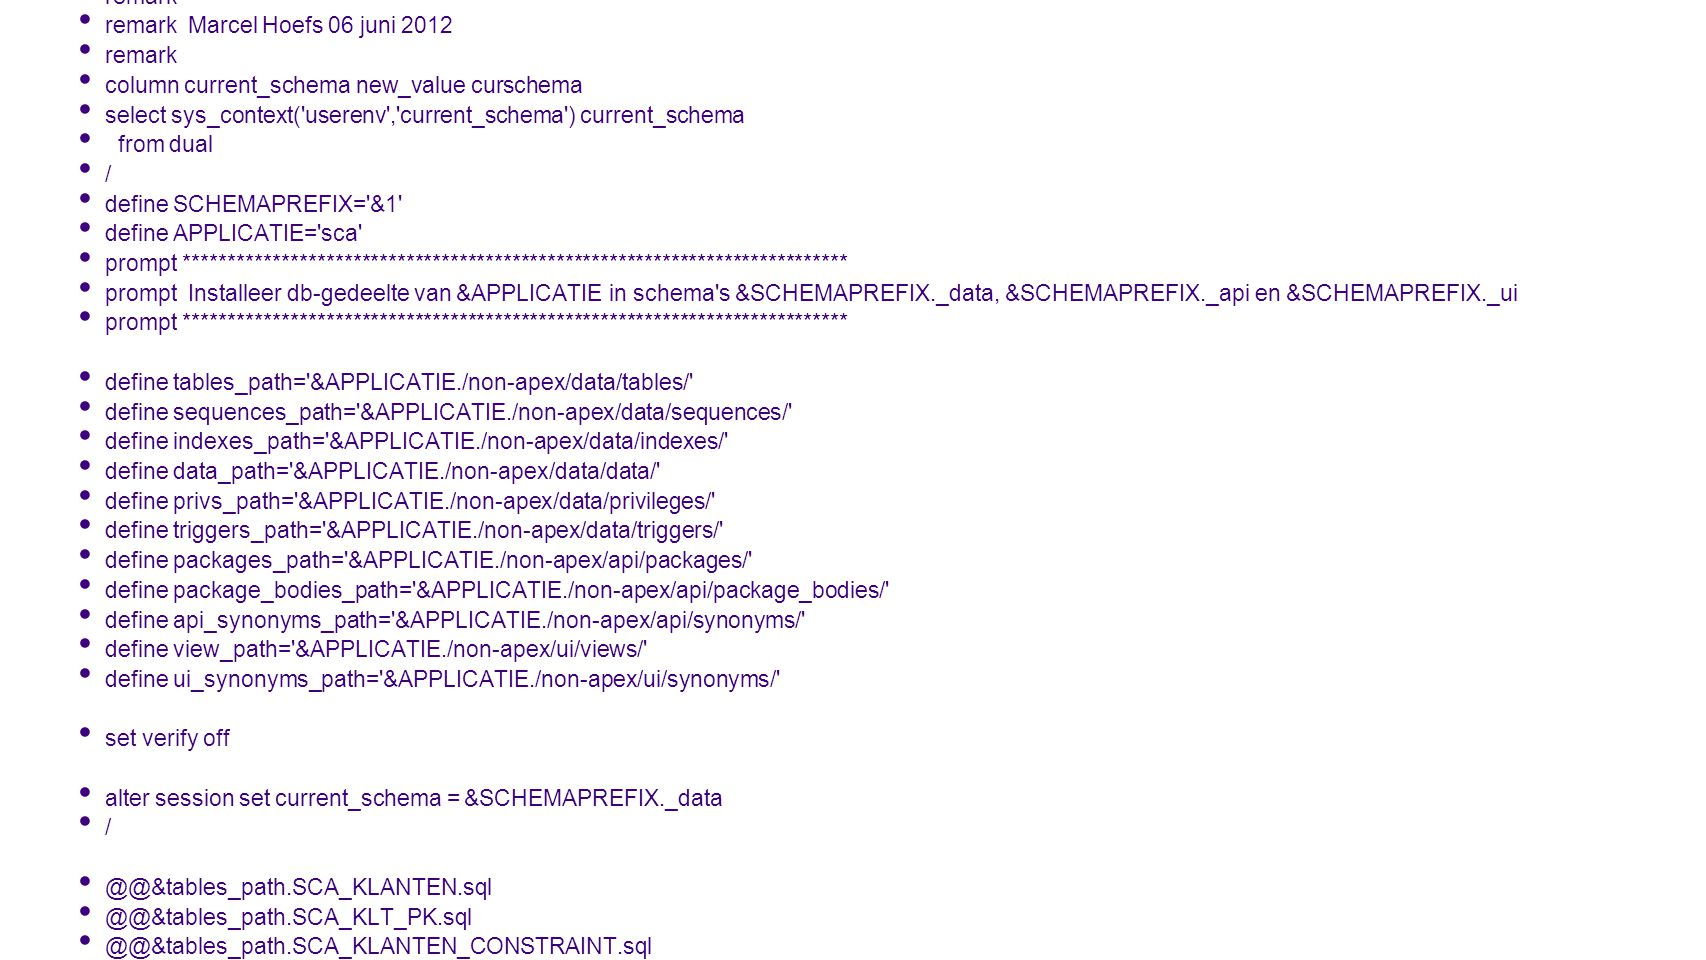 remark remark install_db.sql. remark Marcel Hoefs 06 juni 2012. column current_schema new_value curschema.